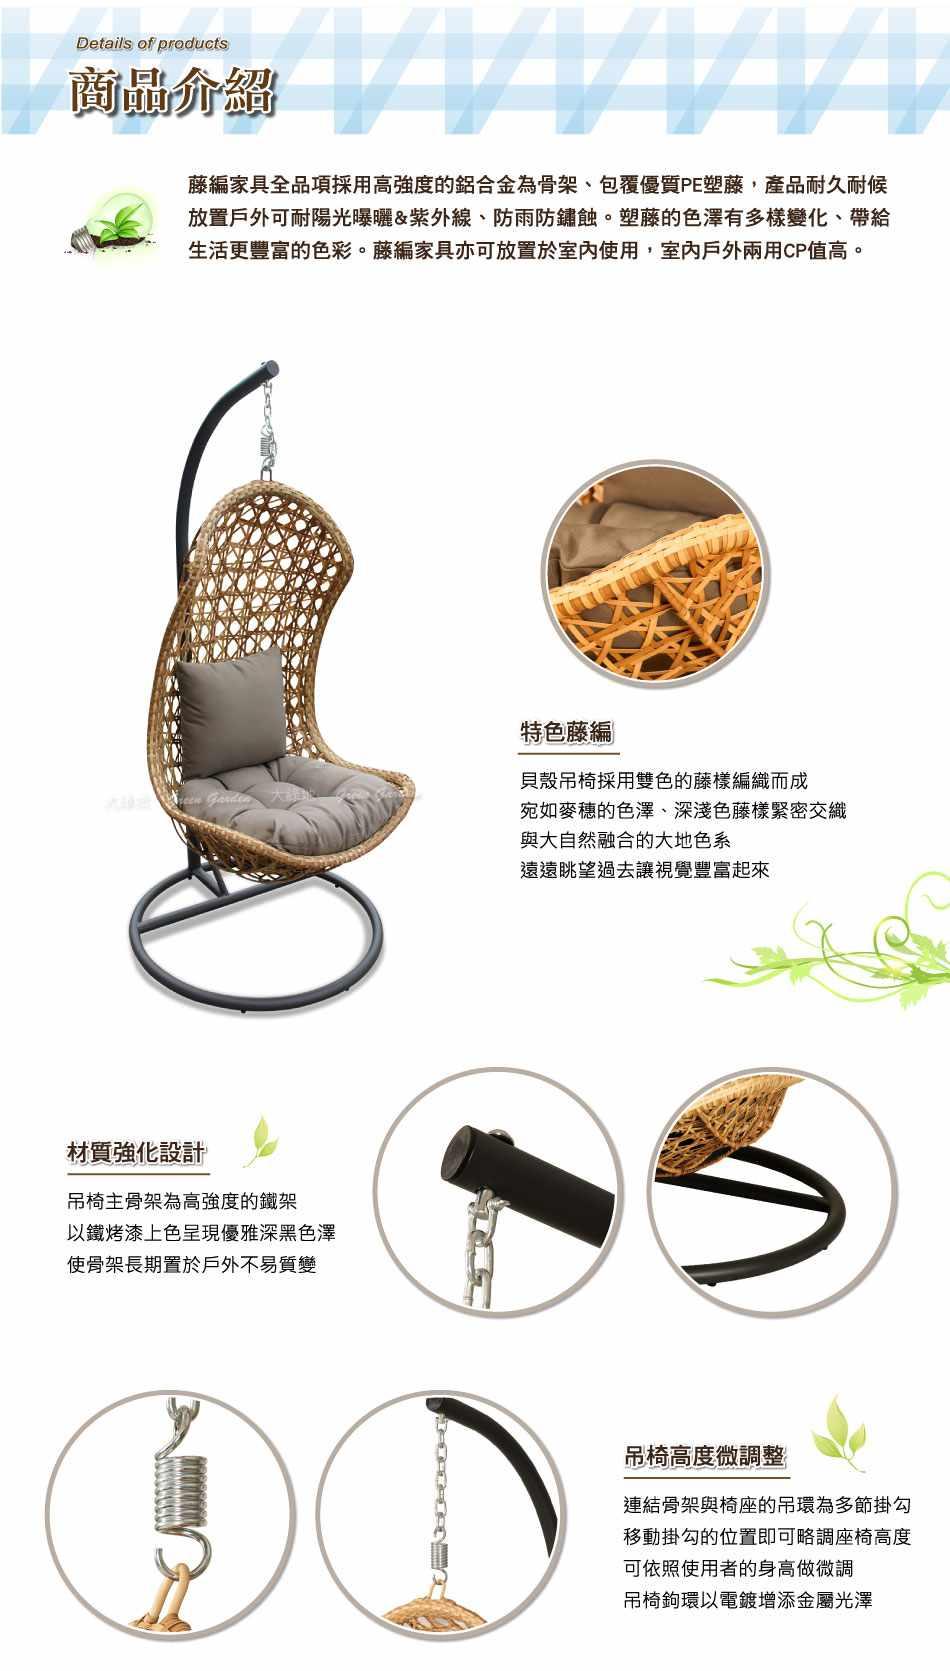 貝殼藤編吊椅